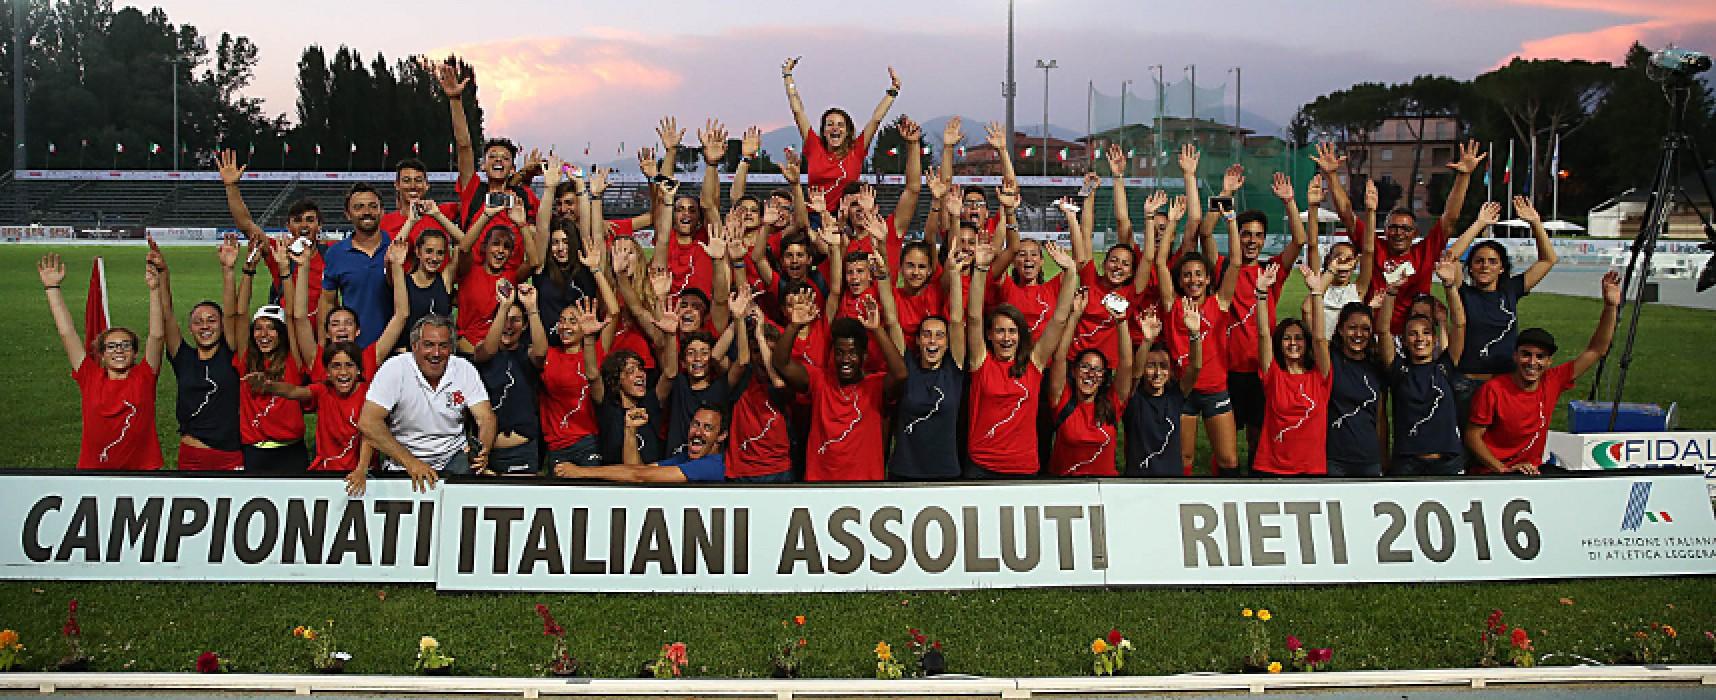 Campionati Italiani Assoluti di atletica leggera: Haliti 5° in finale, bene Ridger e Rosito